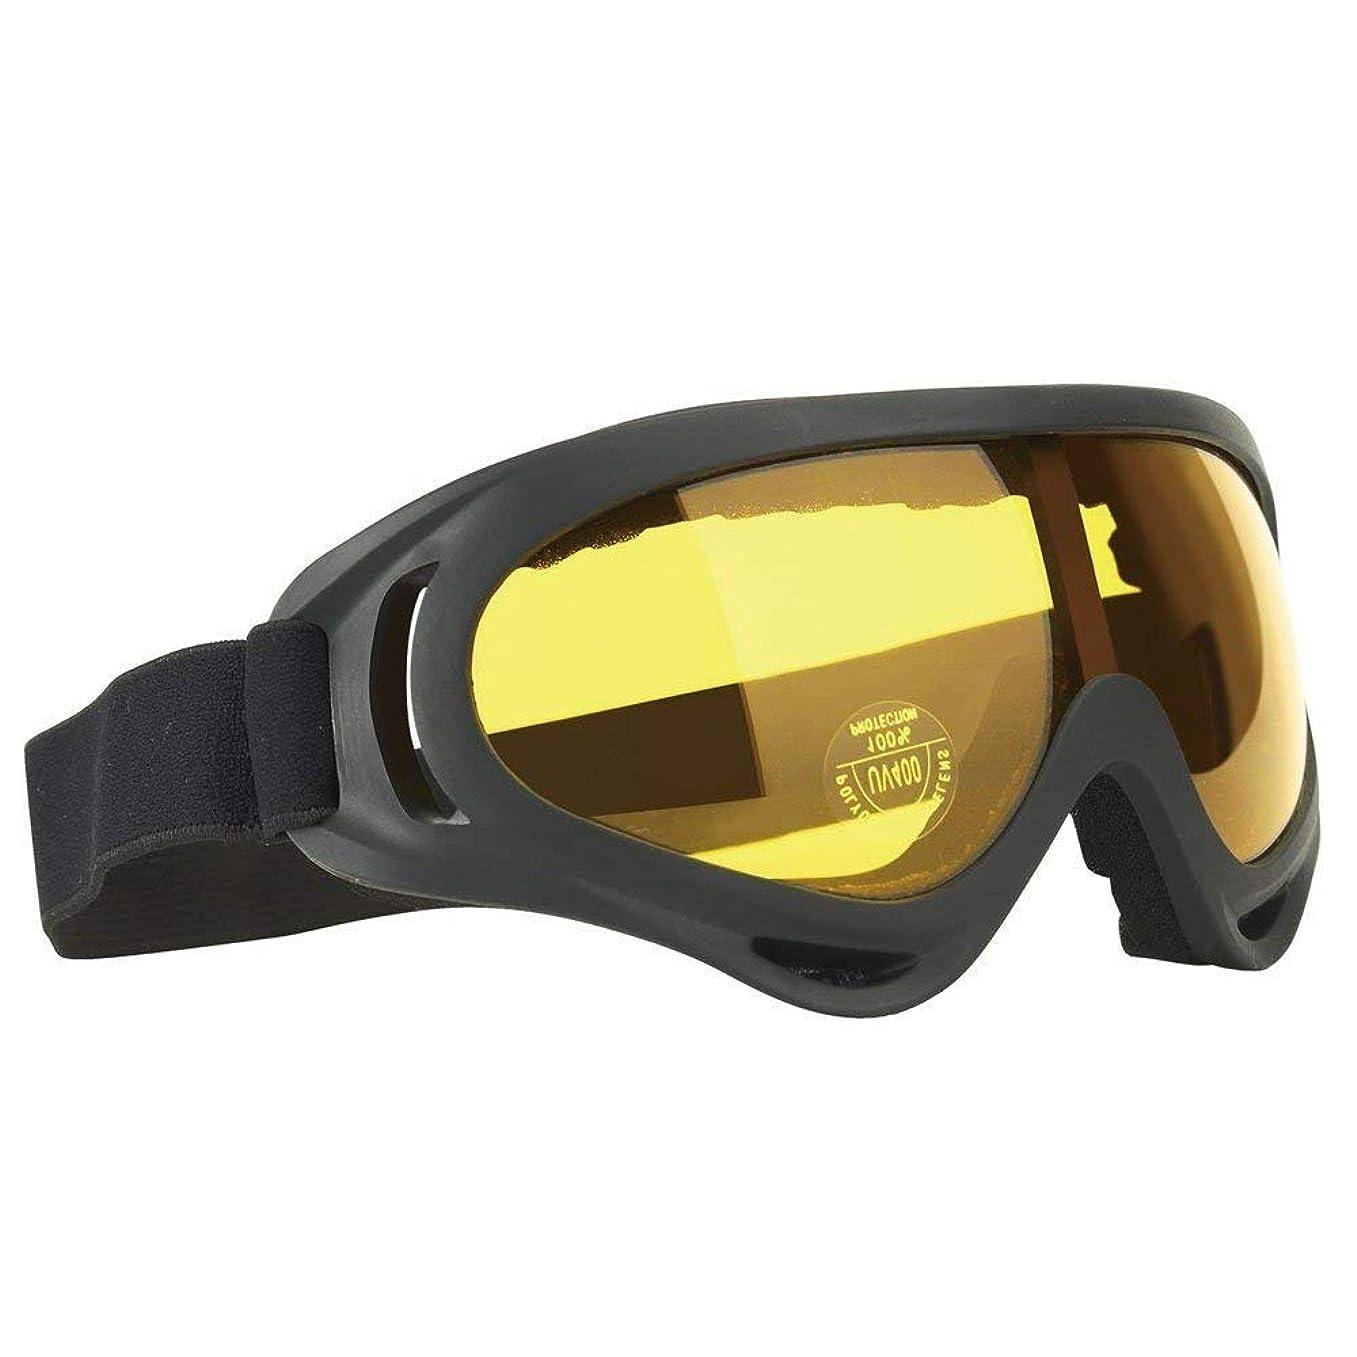 敬なしでバングラデシュSimg スキーゴーグル スノボートゴーグル UV400 紫外線カット 曇り止め 防風 防放射 サングラス 登山/サバゲー/バイク/スキー運動に全面適用